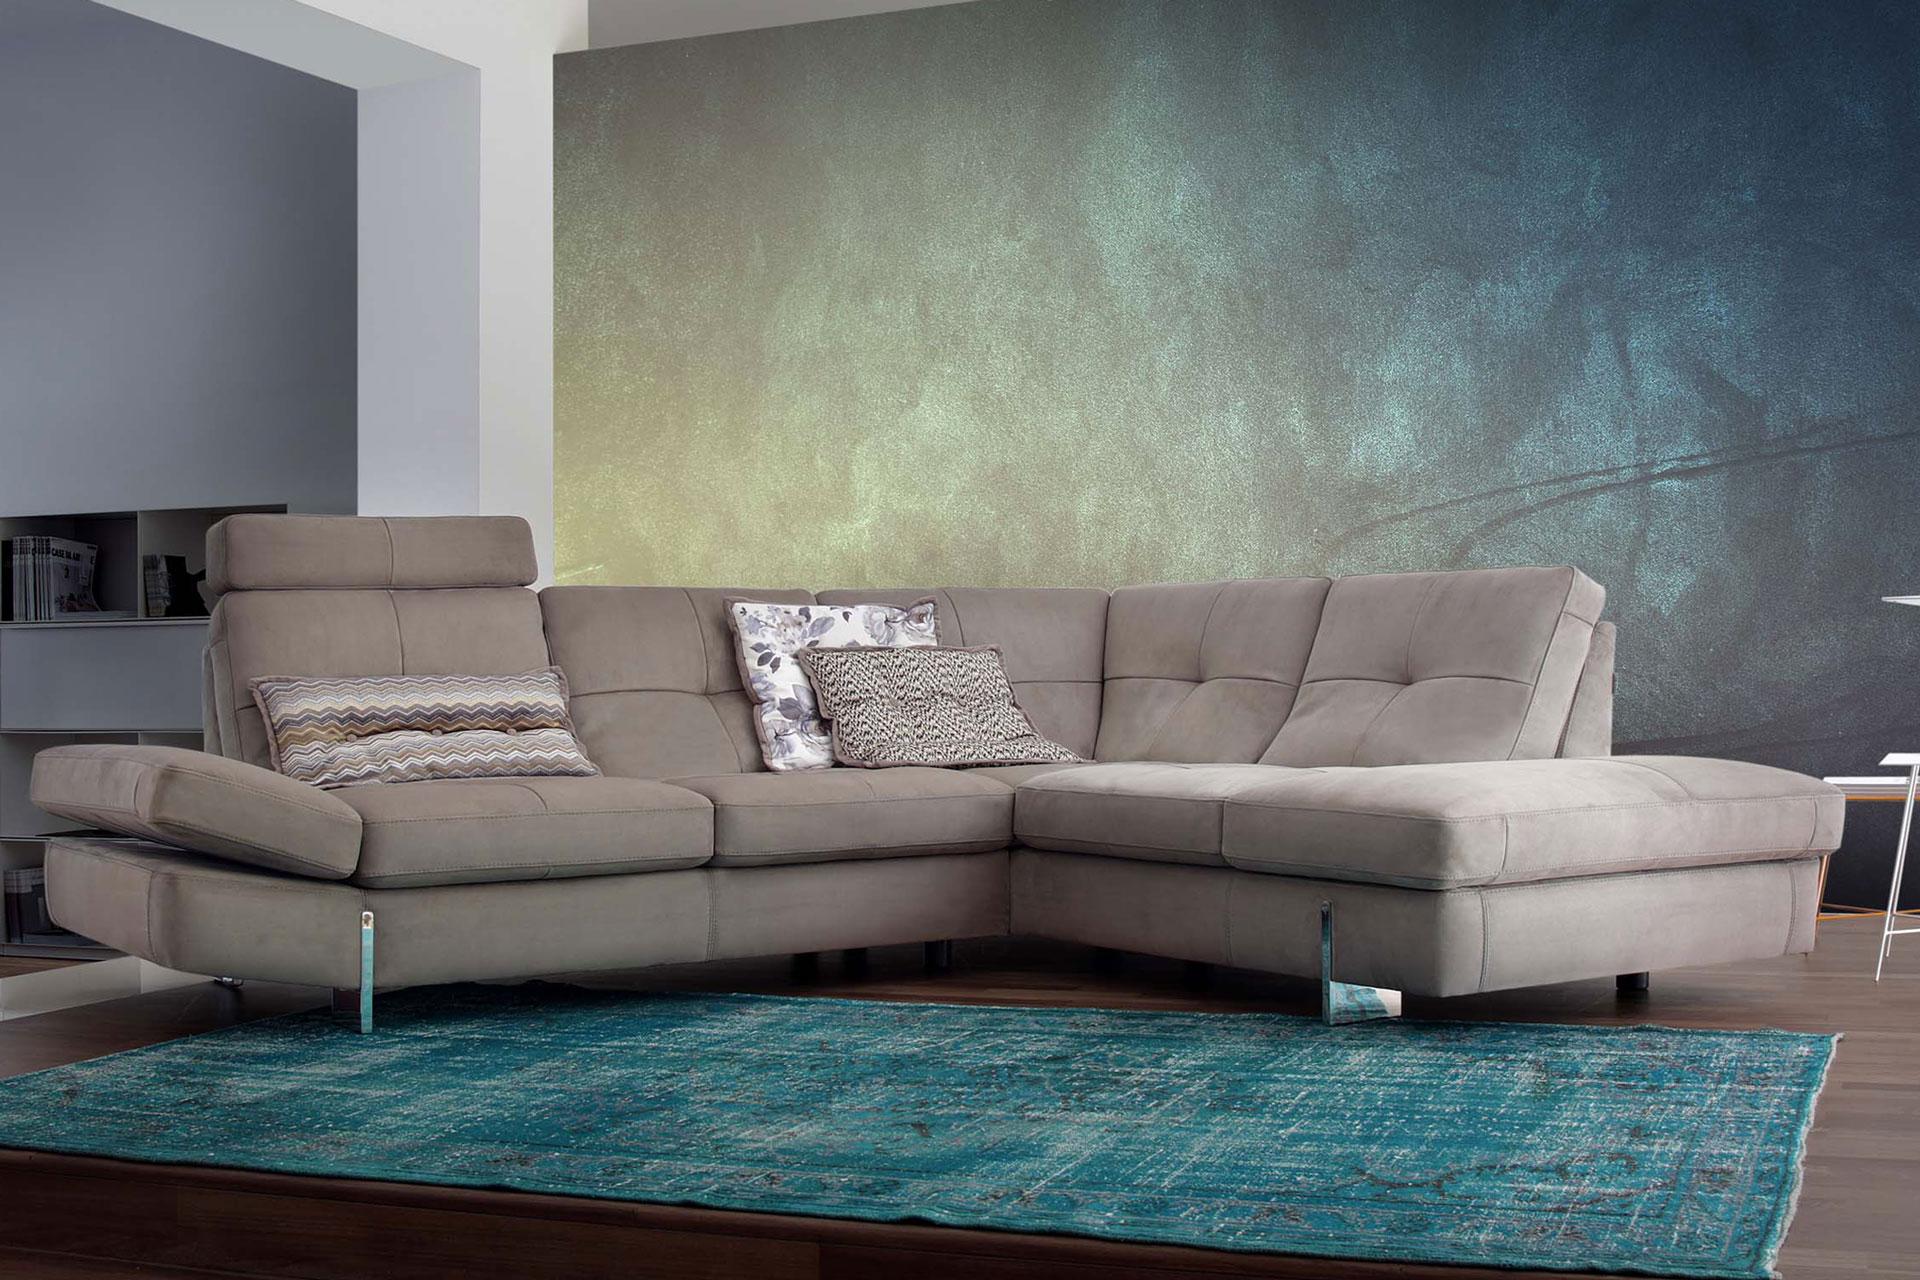 Calia arredamenti amazing divani calia rivenditore modena for Calia arredamenti